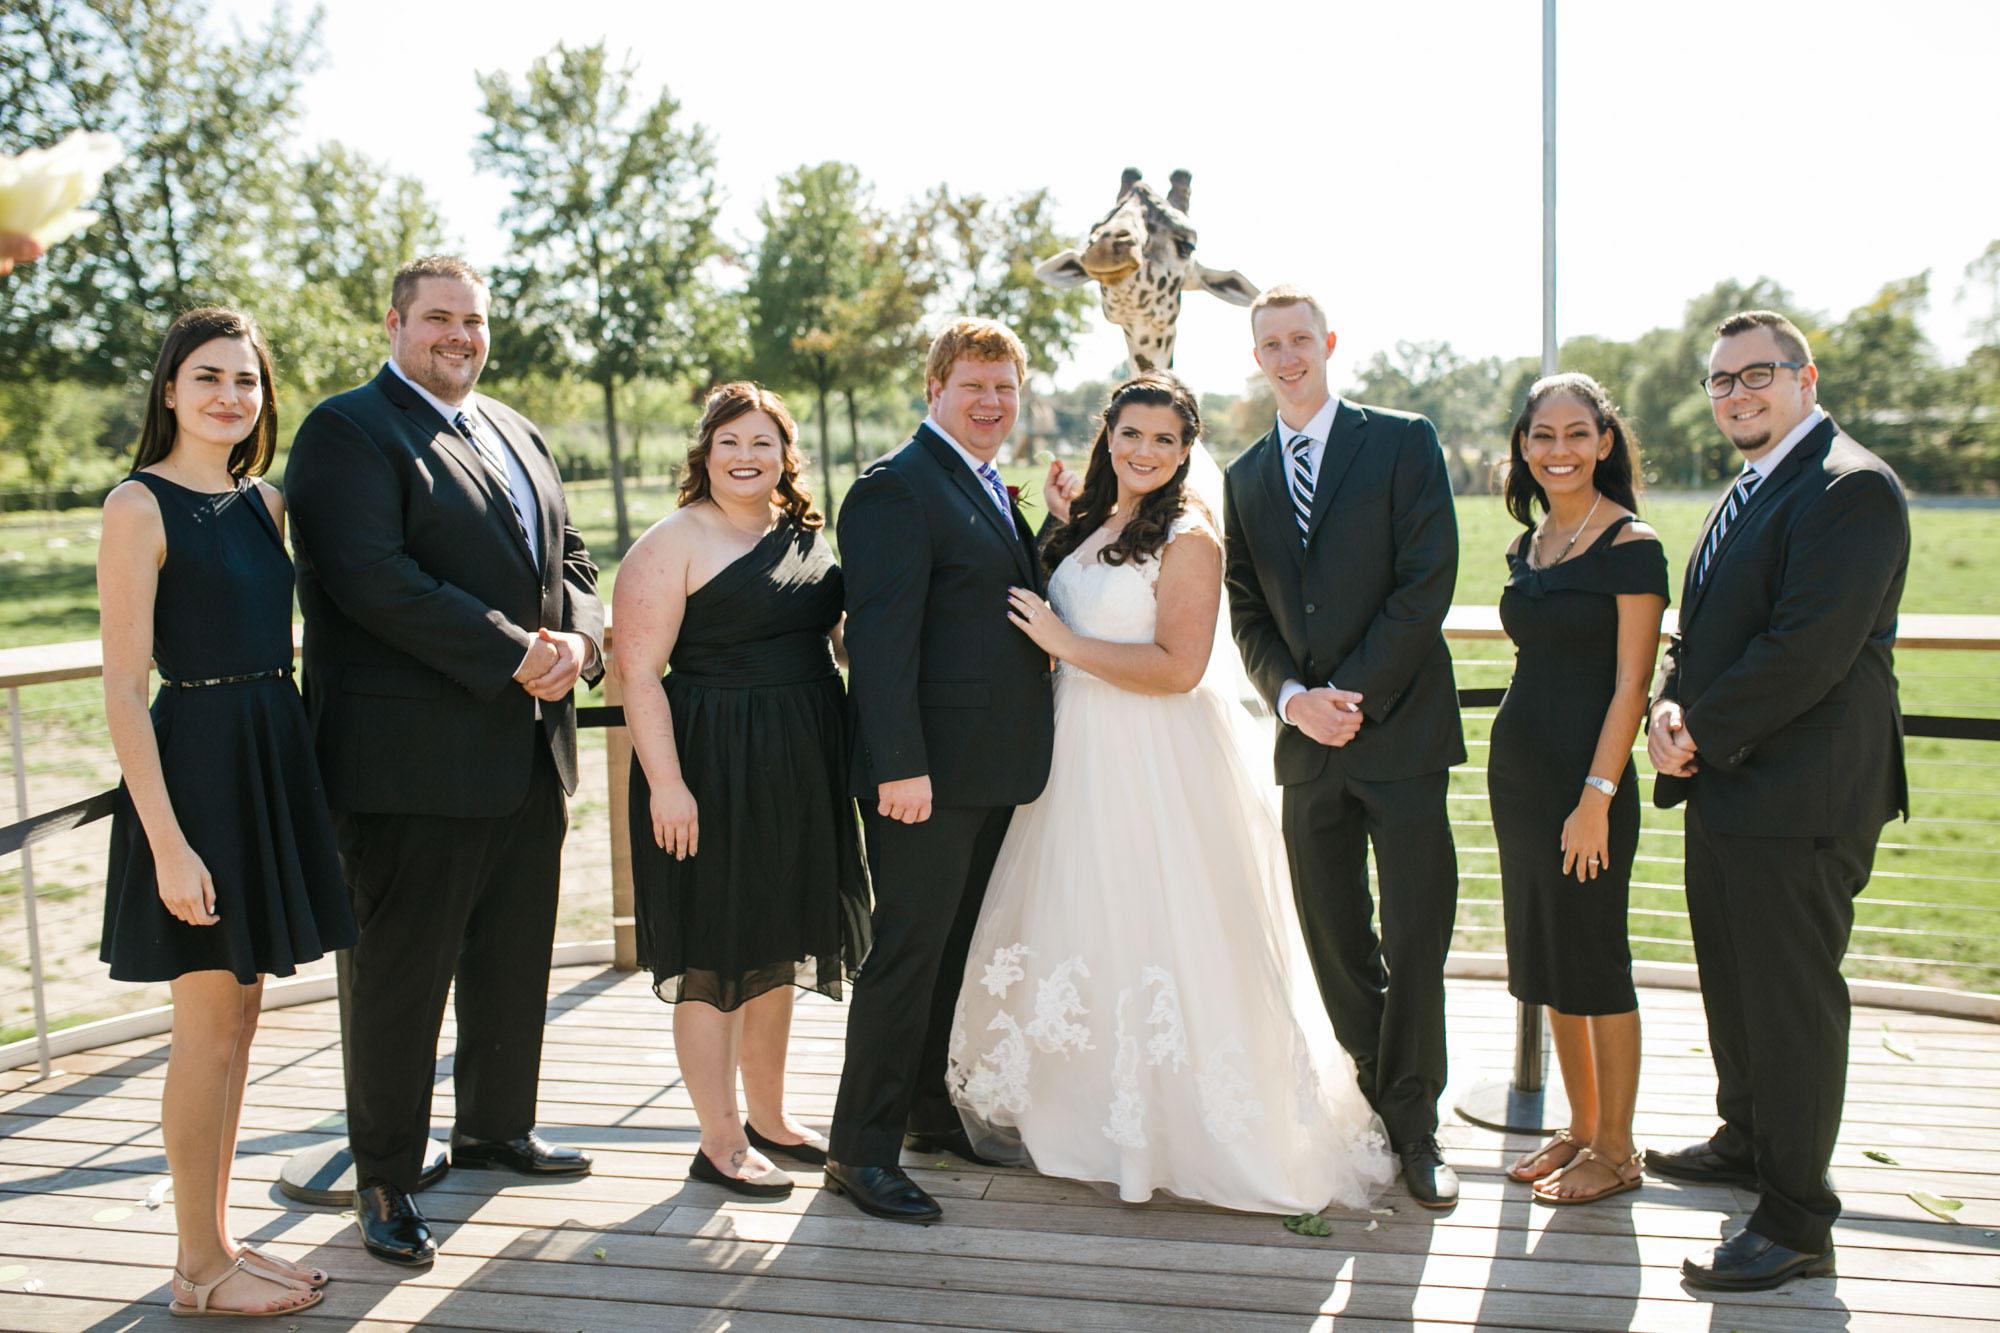 toledo-zoo-wedding-pictures-32.jpg